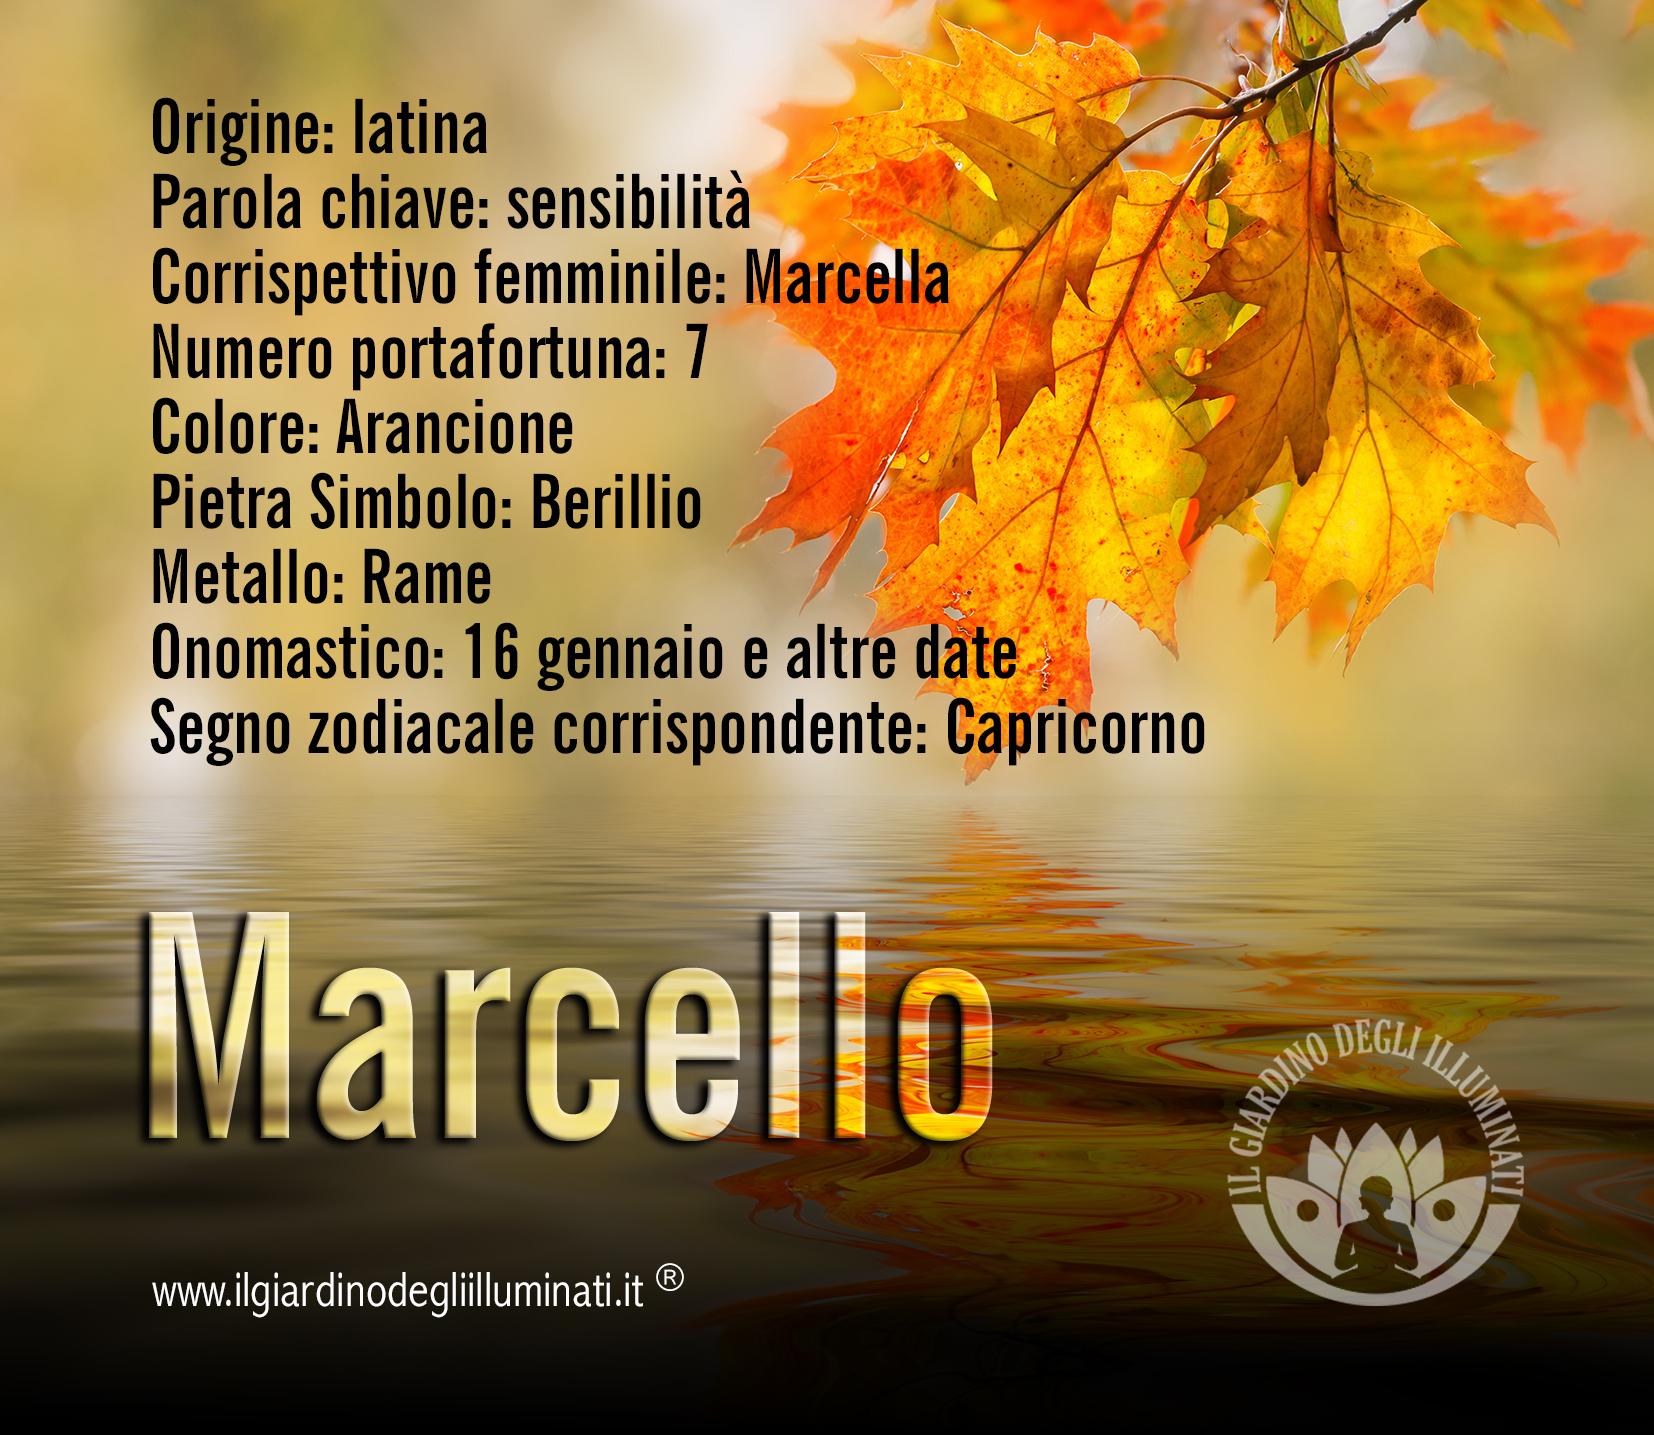 Marcello significato e origine